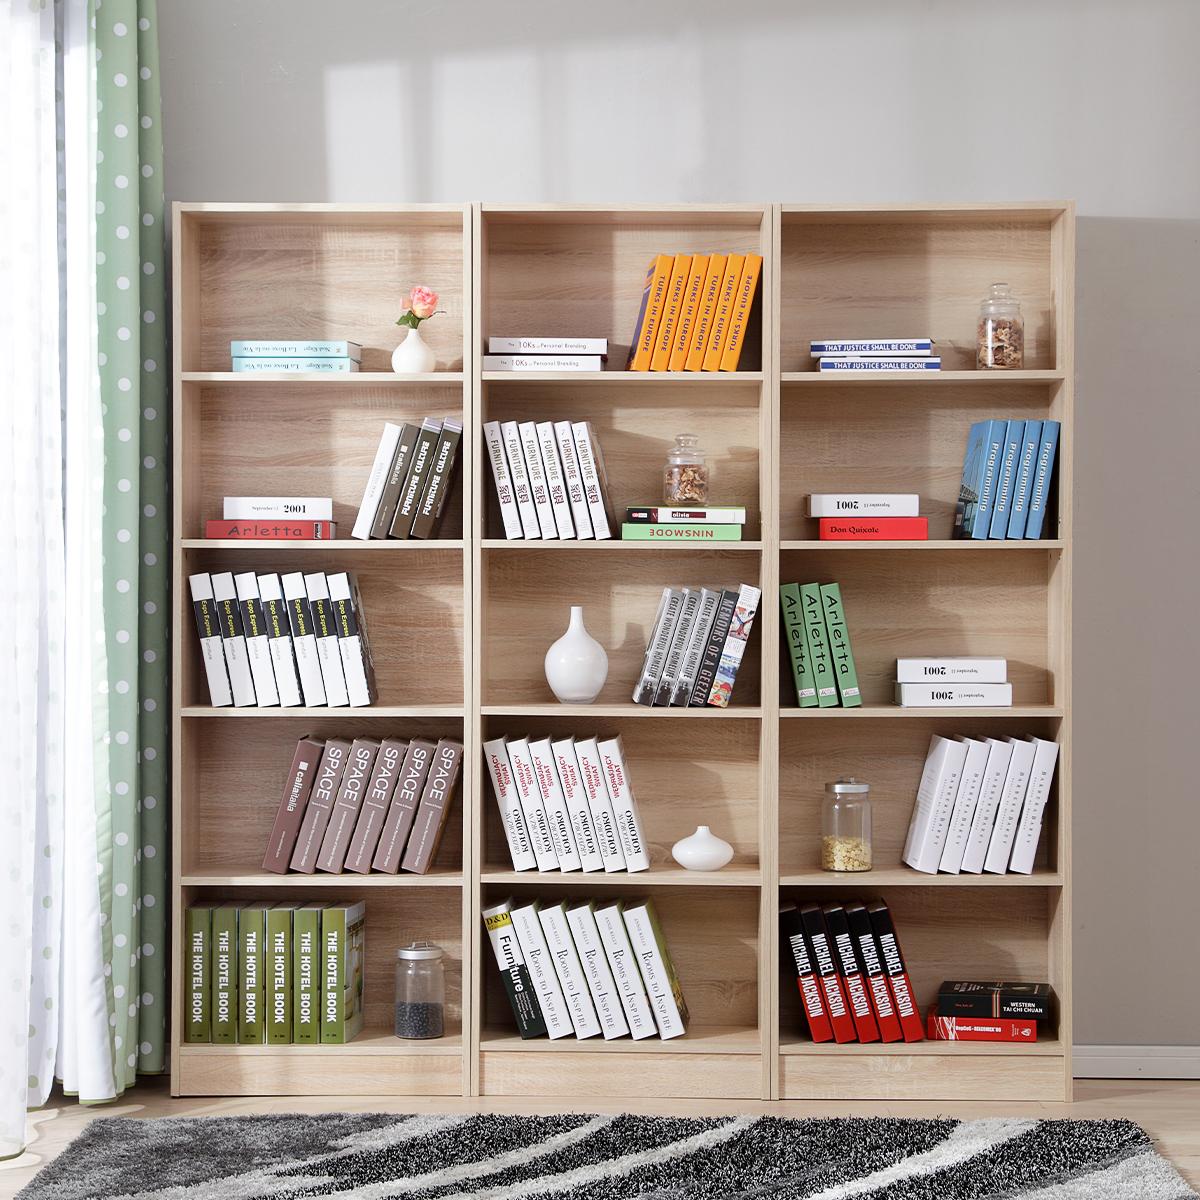 美达斯书柜简约现代五层书架书柜自由组合书橱柜子儿童书柜